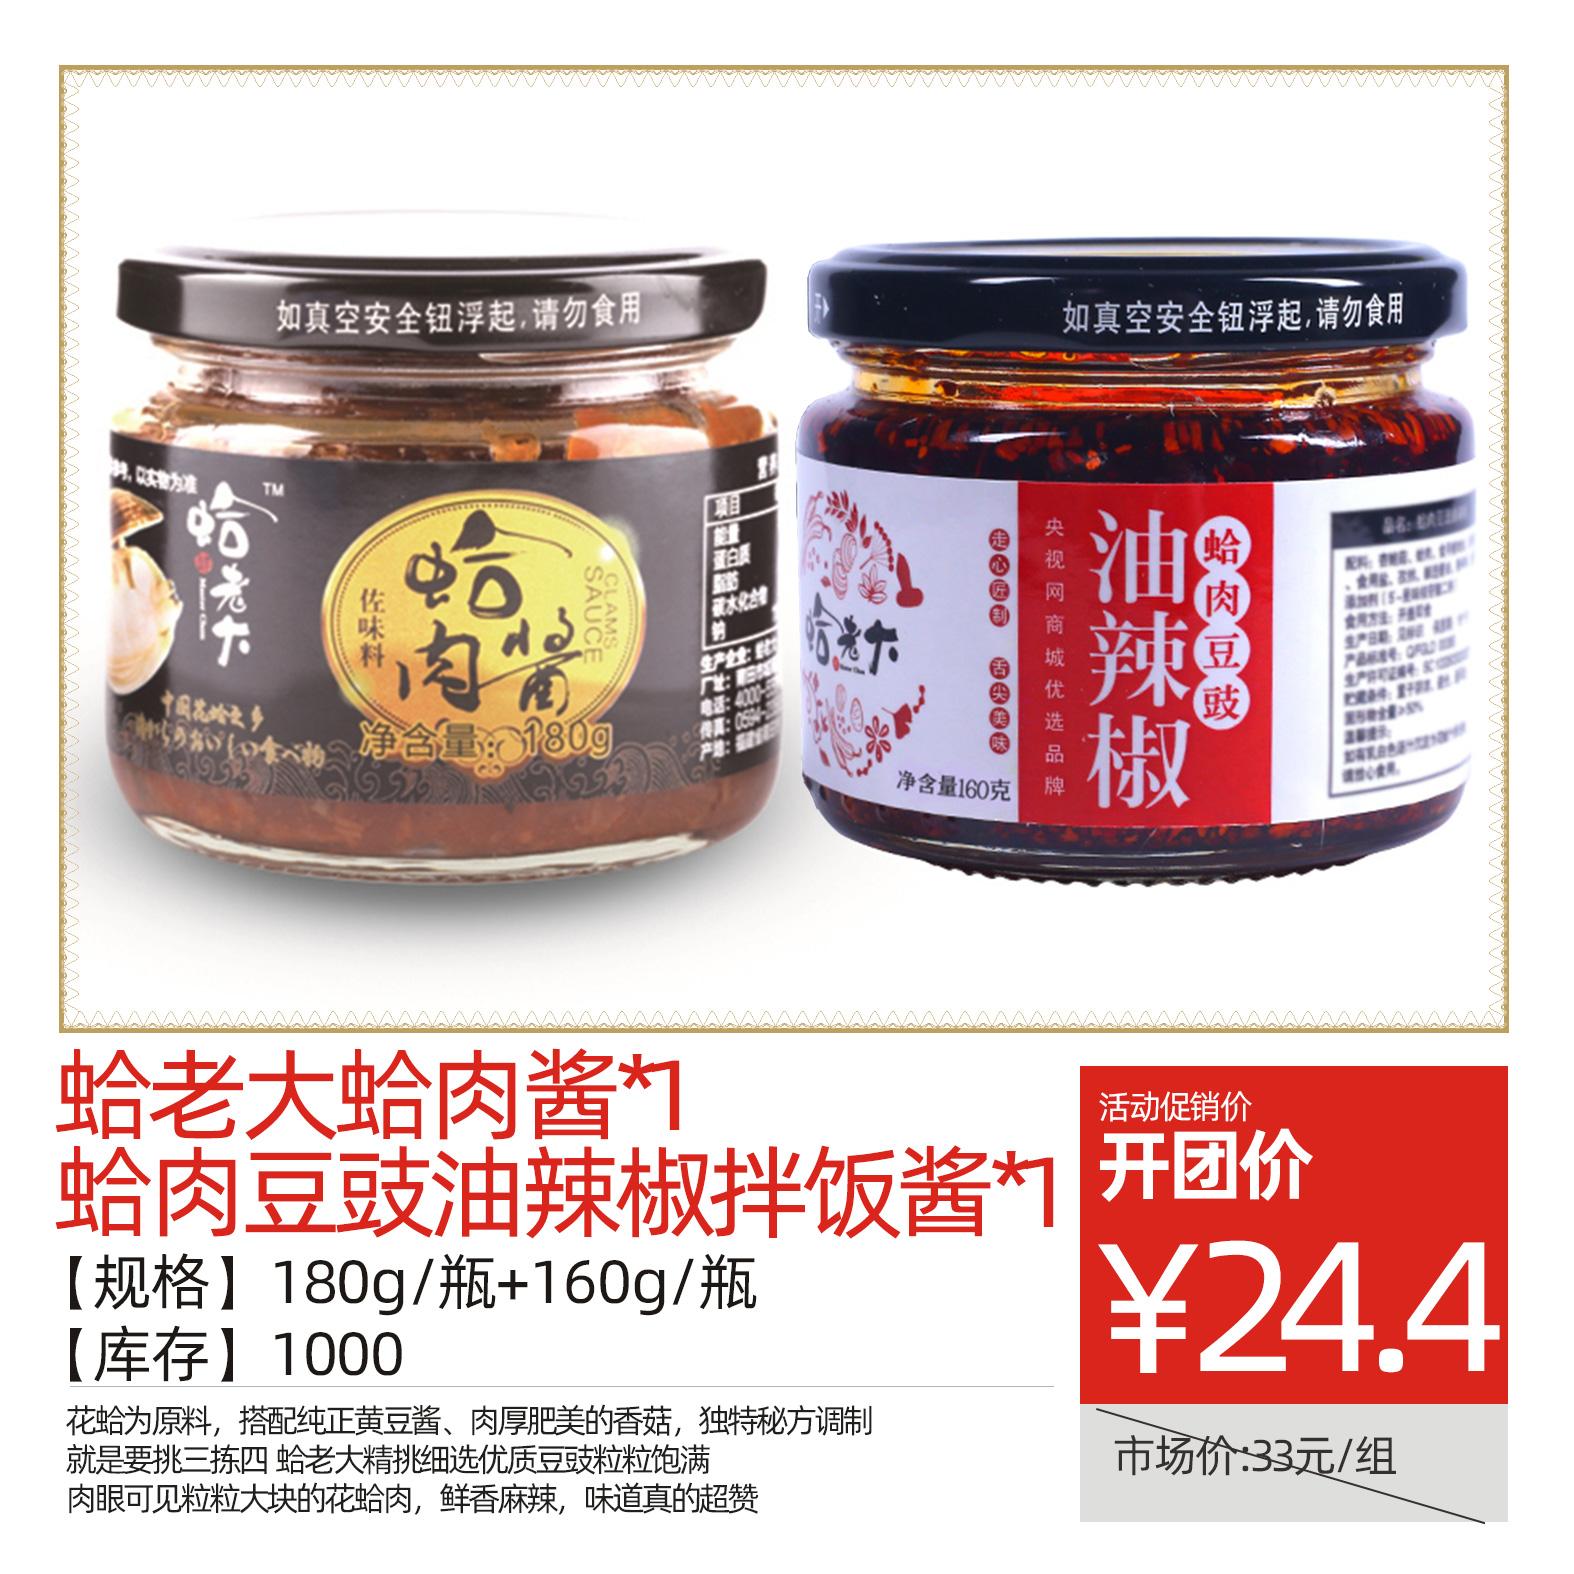 蛤老大蛤肉酱*1+蛤肉豆豉油辣椒拌饭酱*1